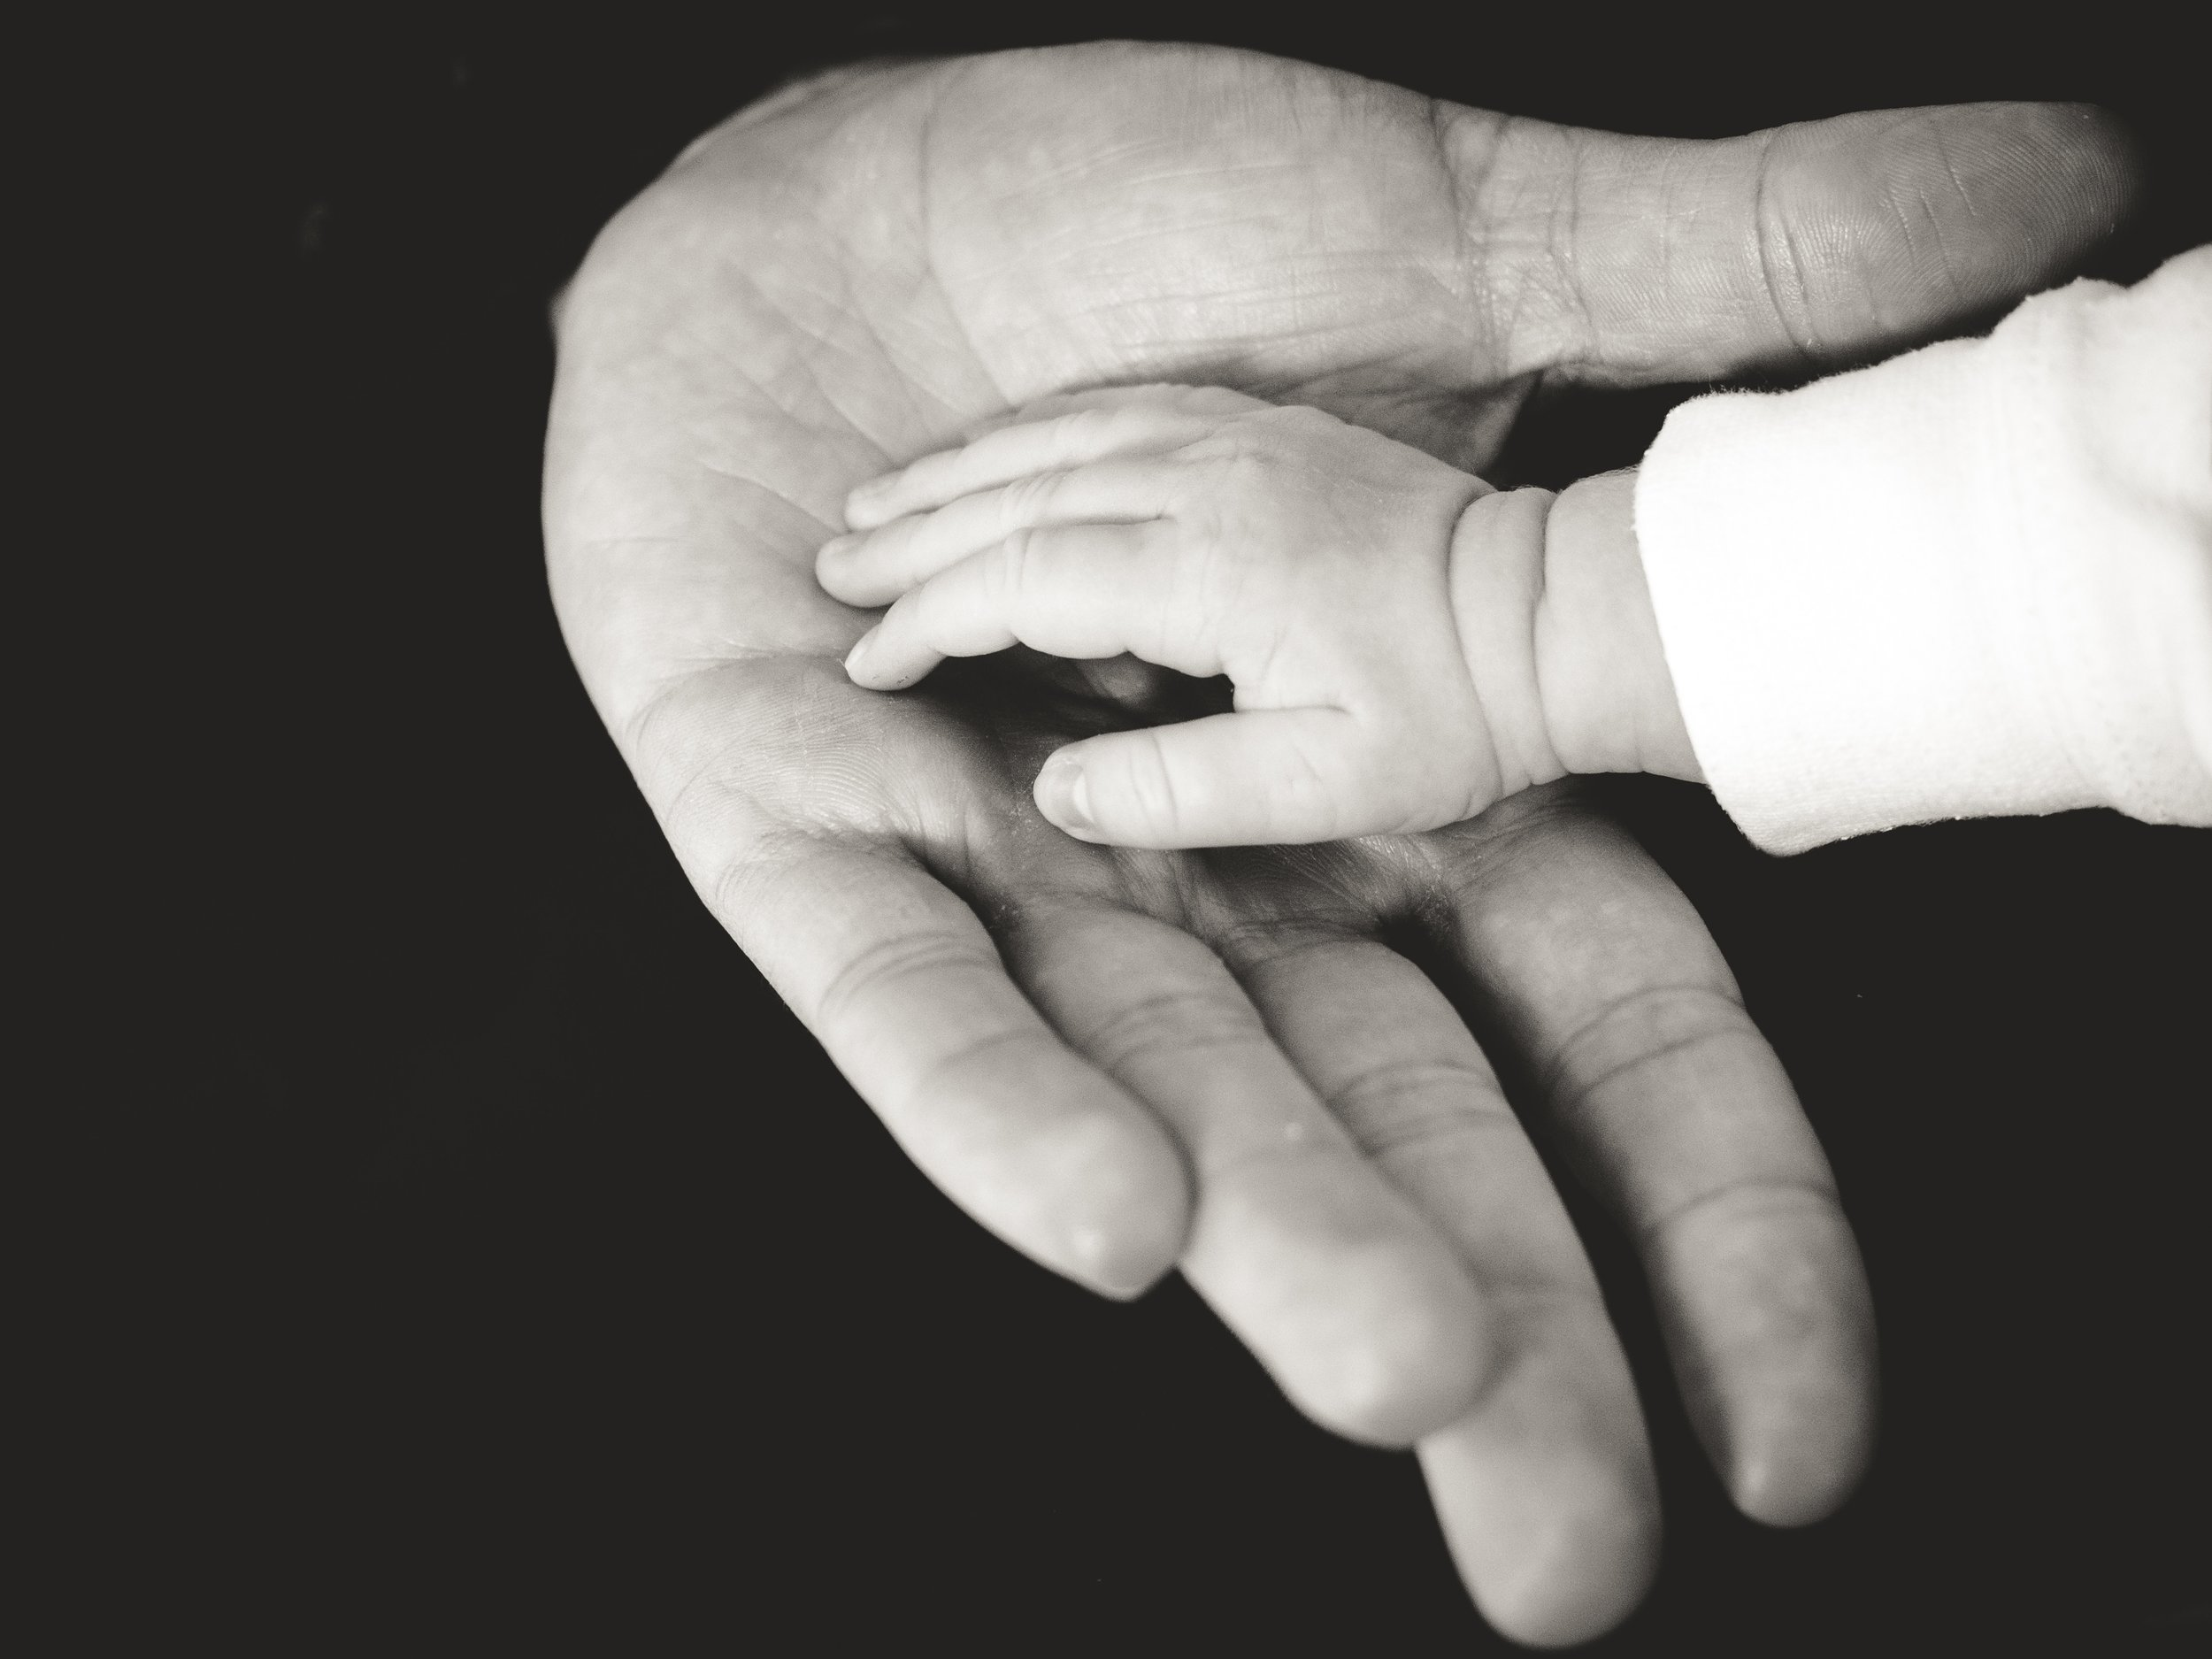 Liane Metzler hands